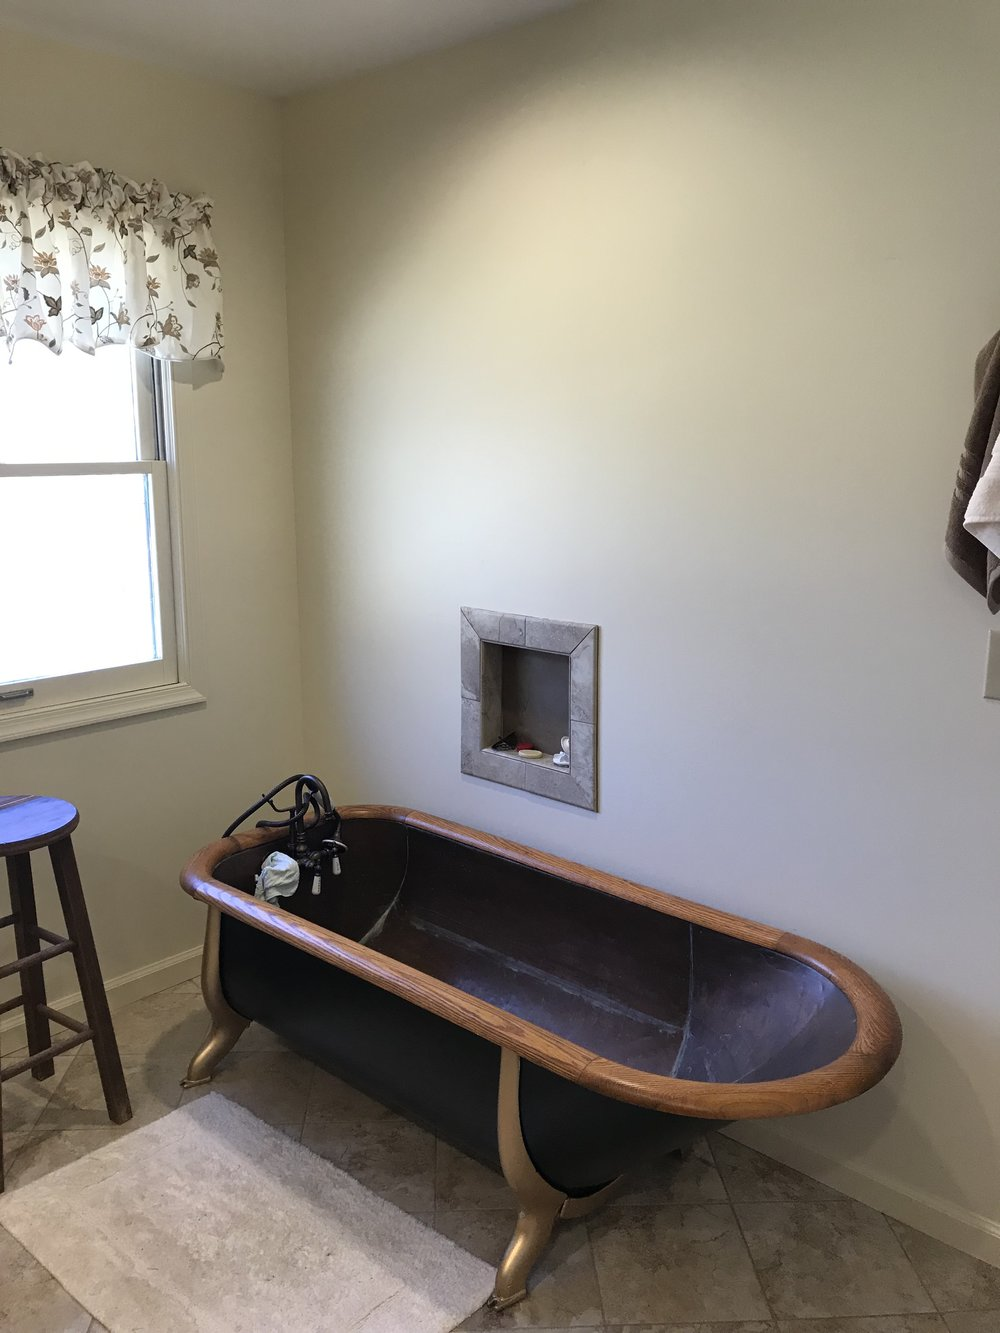 Antique Cowboy Tub in Master Bath 21.JPG